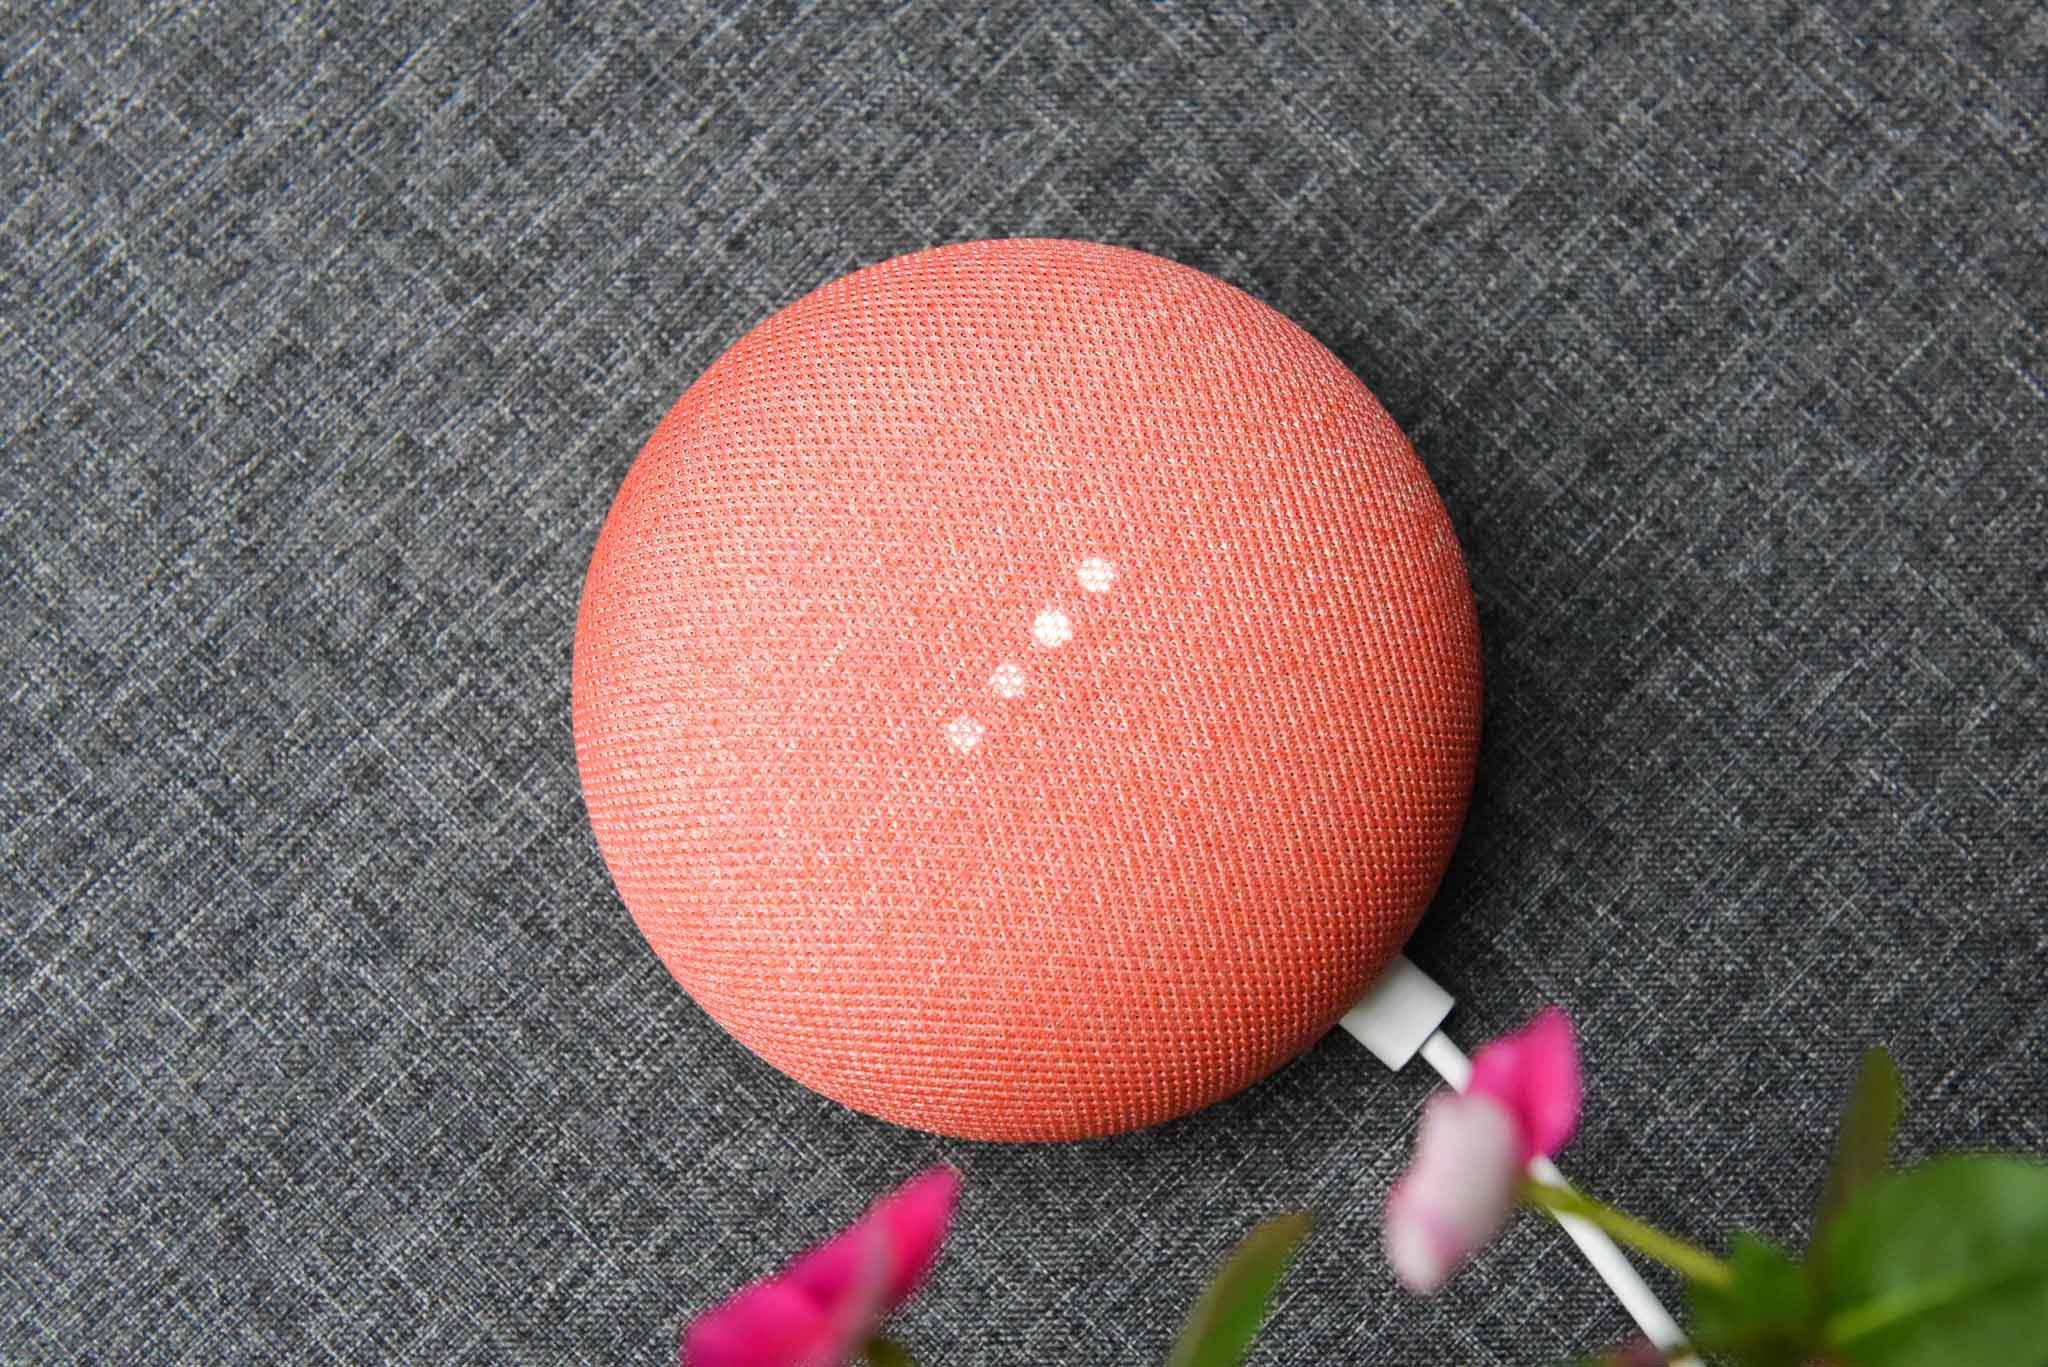 Google Home Mini: loa tích hợp trợ lý ảo, tra cứu đa năng 9